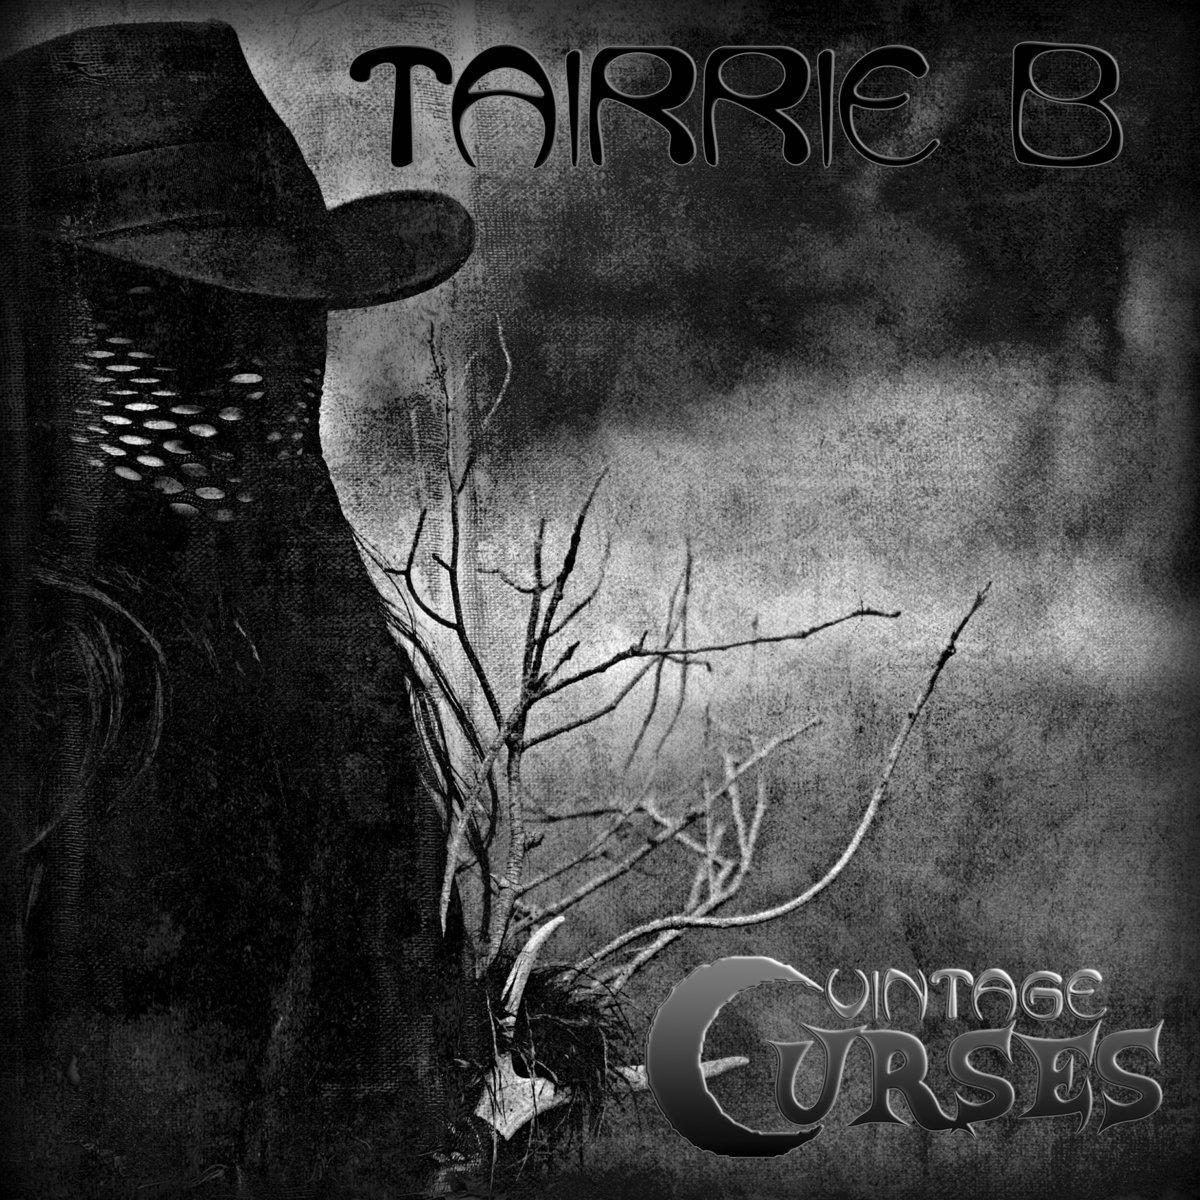 Vintage Curses | TAIRRIE B